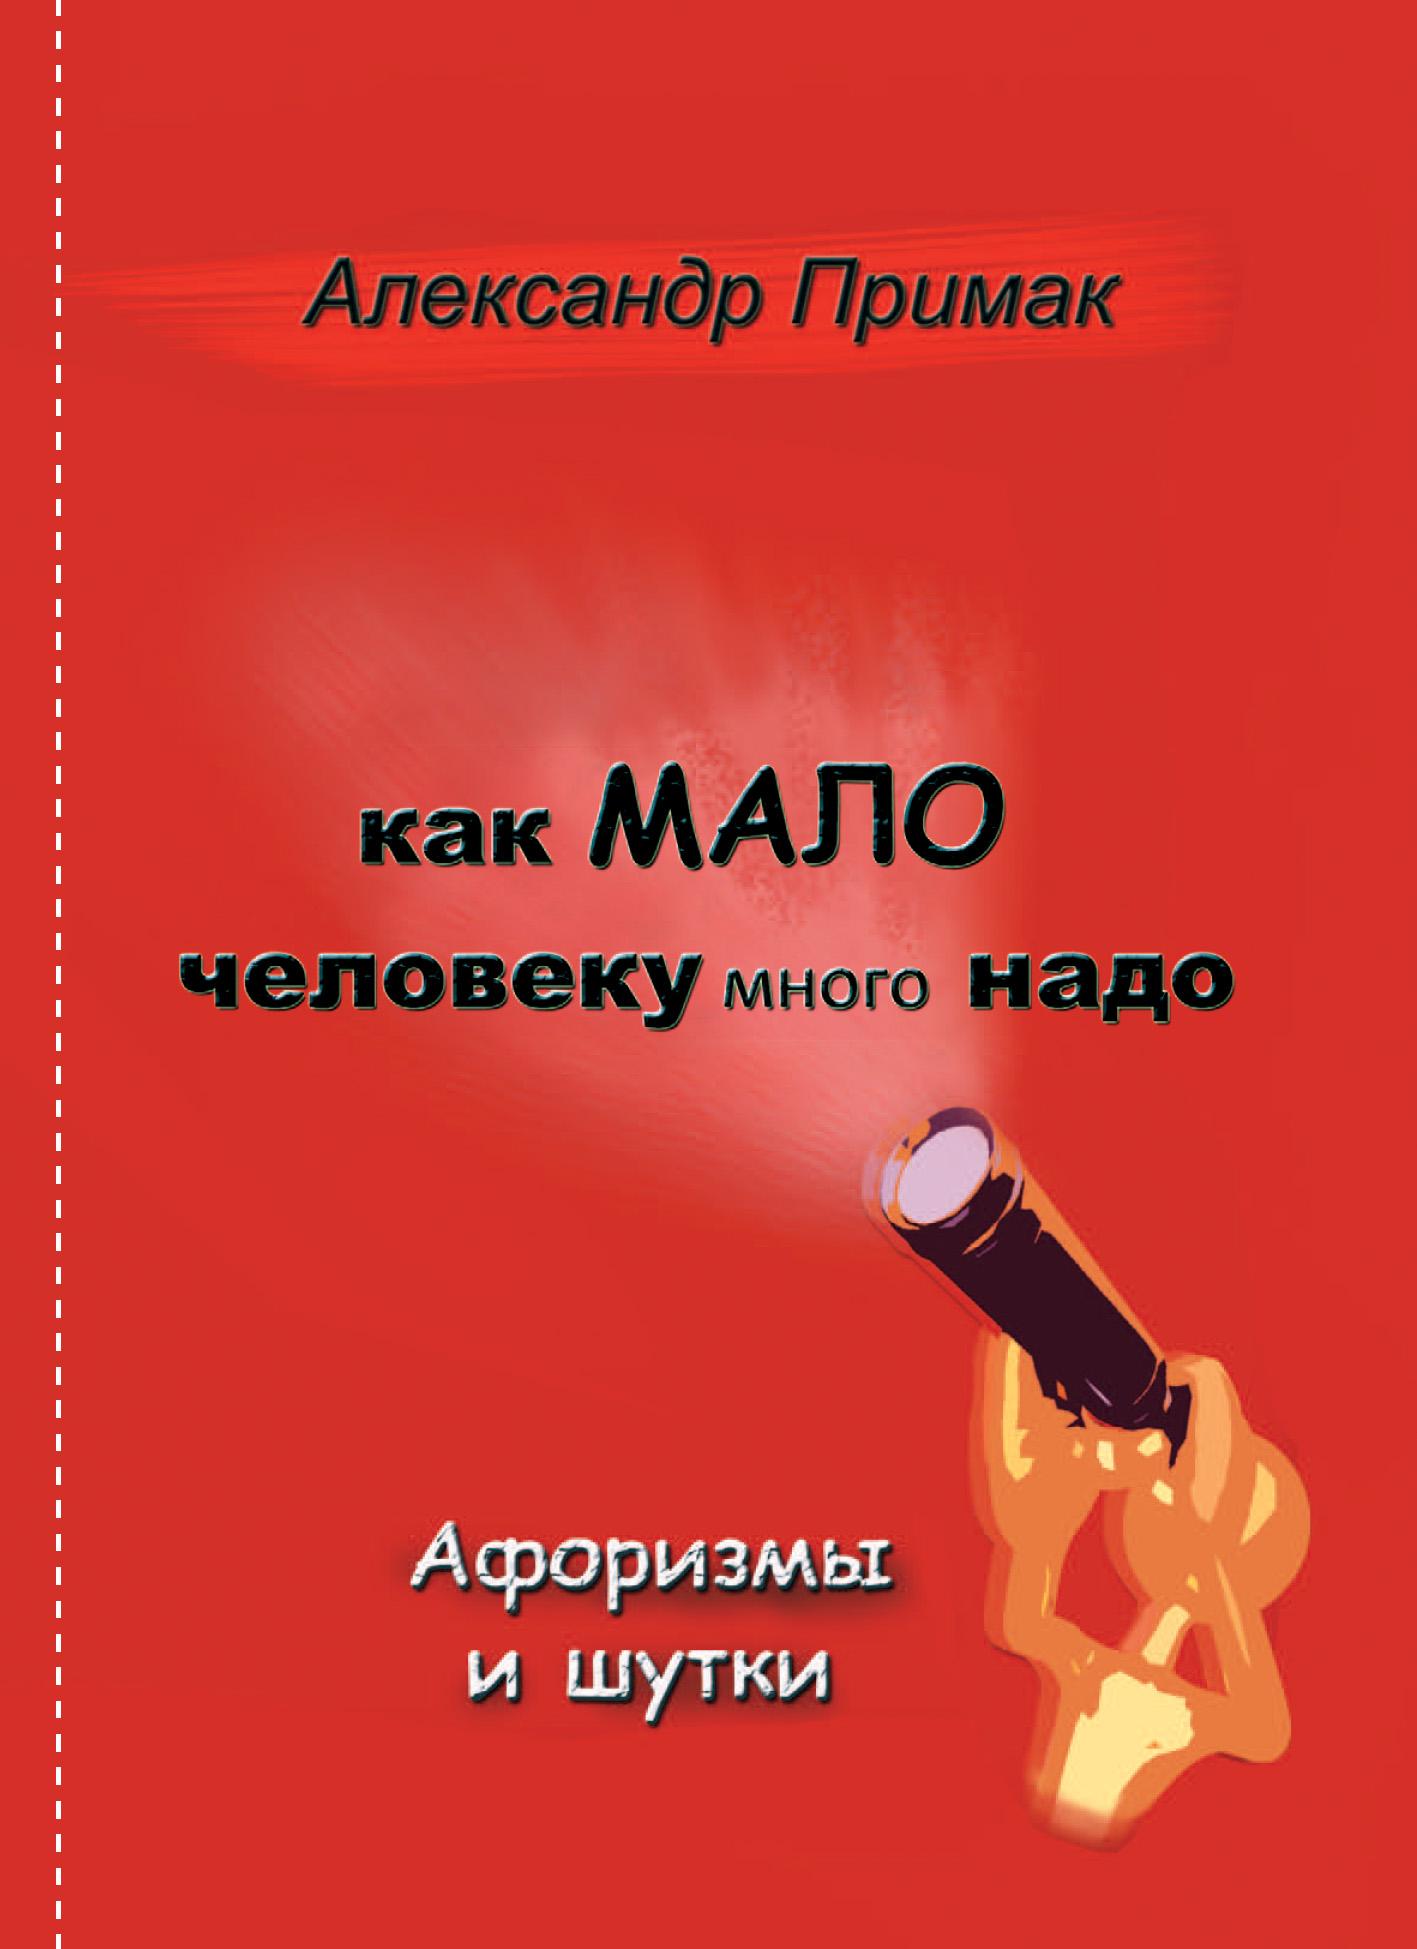 Александр Примак Как мало человеку много надо автор не указан александр кайдановский в воспоминаниях и фотографиях